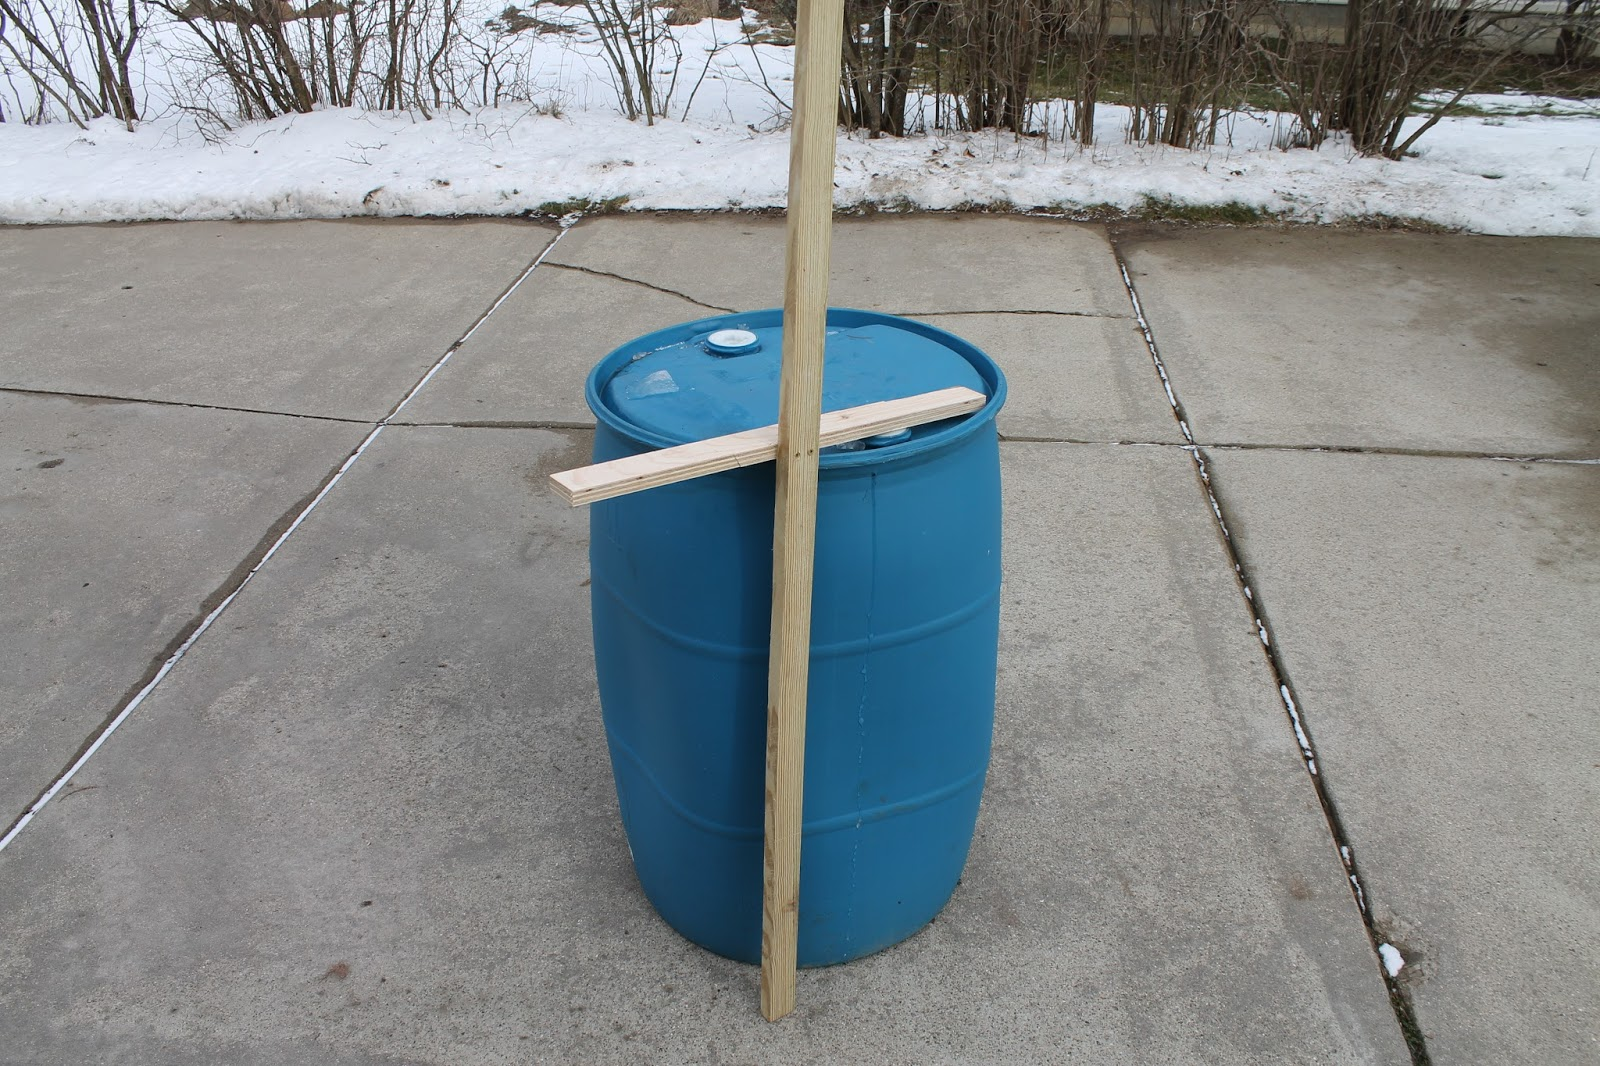 Preparing barrels for grow beds aquaponics or hydroponics for Hydroponic grow bed